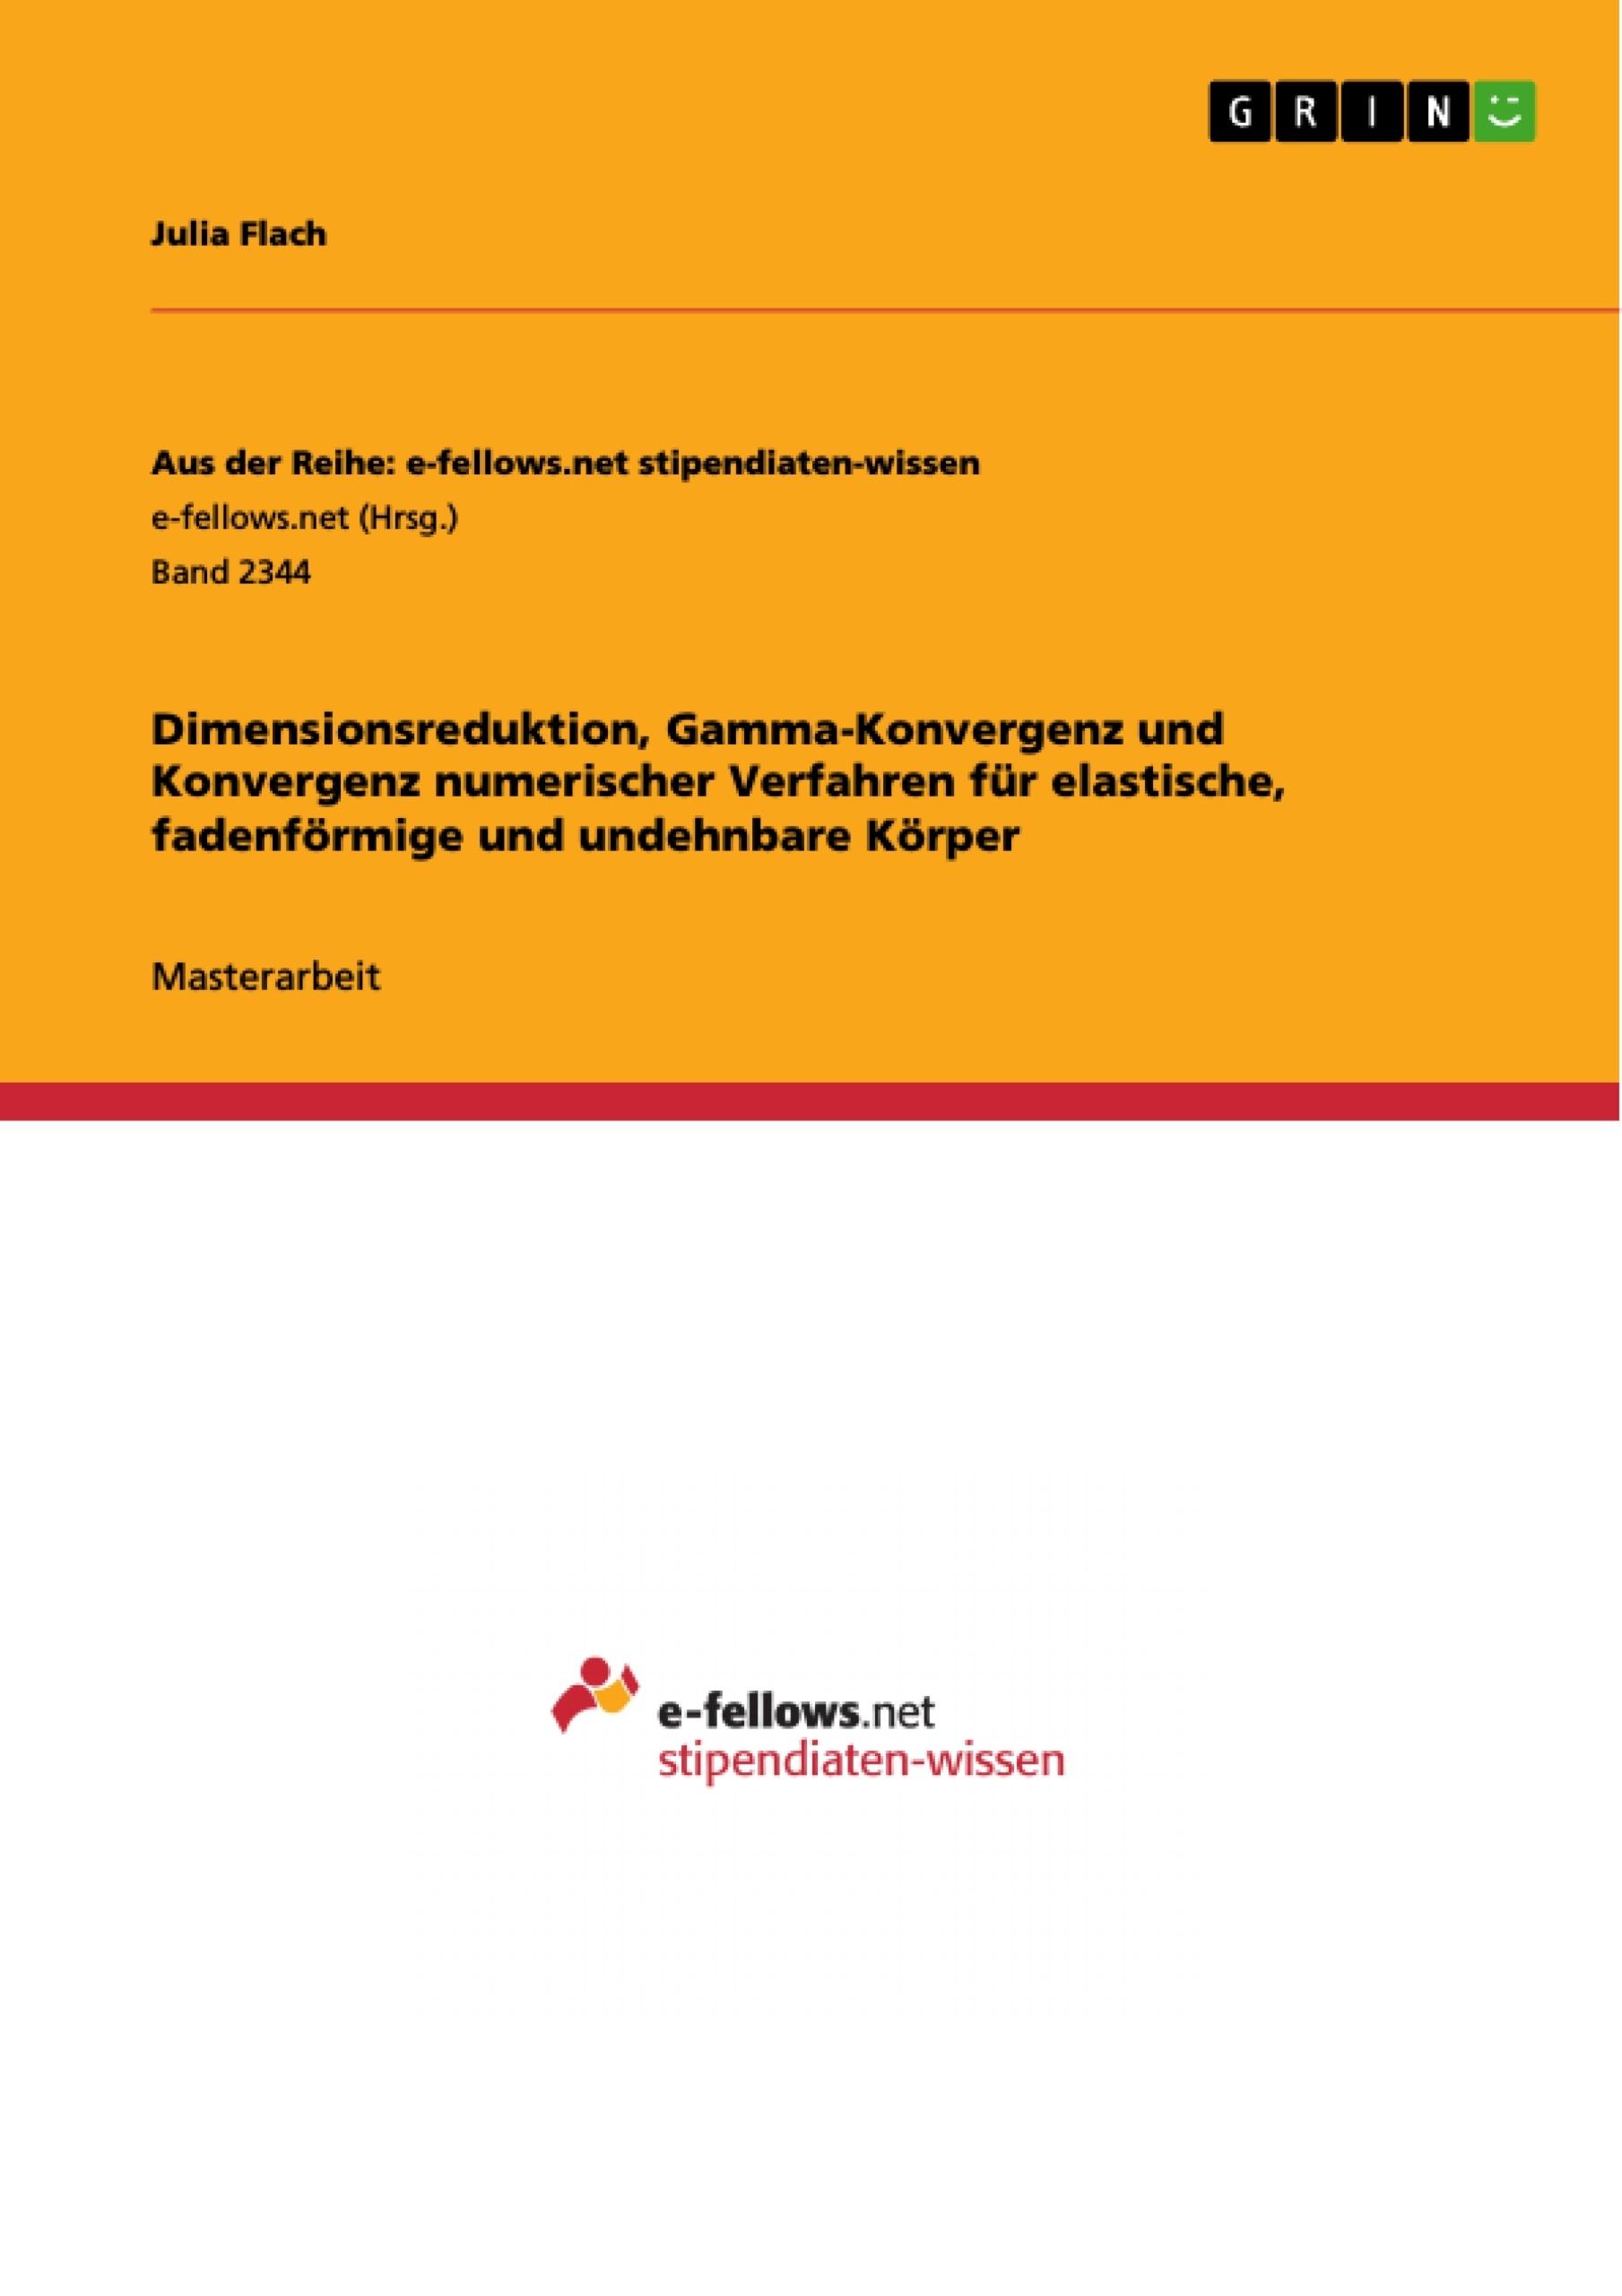 Titel: Dimensionsreduktion, Gamma-Konvergenz und Konvergenz numerischer Verfahren für elastische, fadenförmige und undehnbare Körper